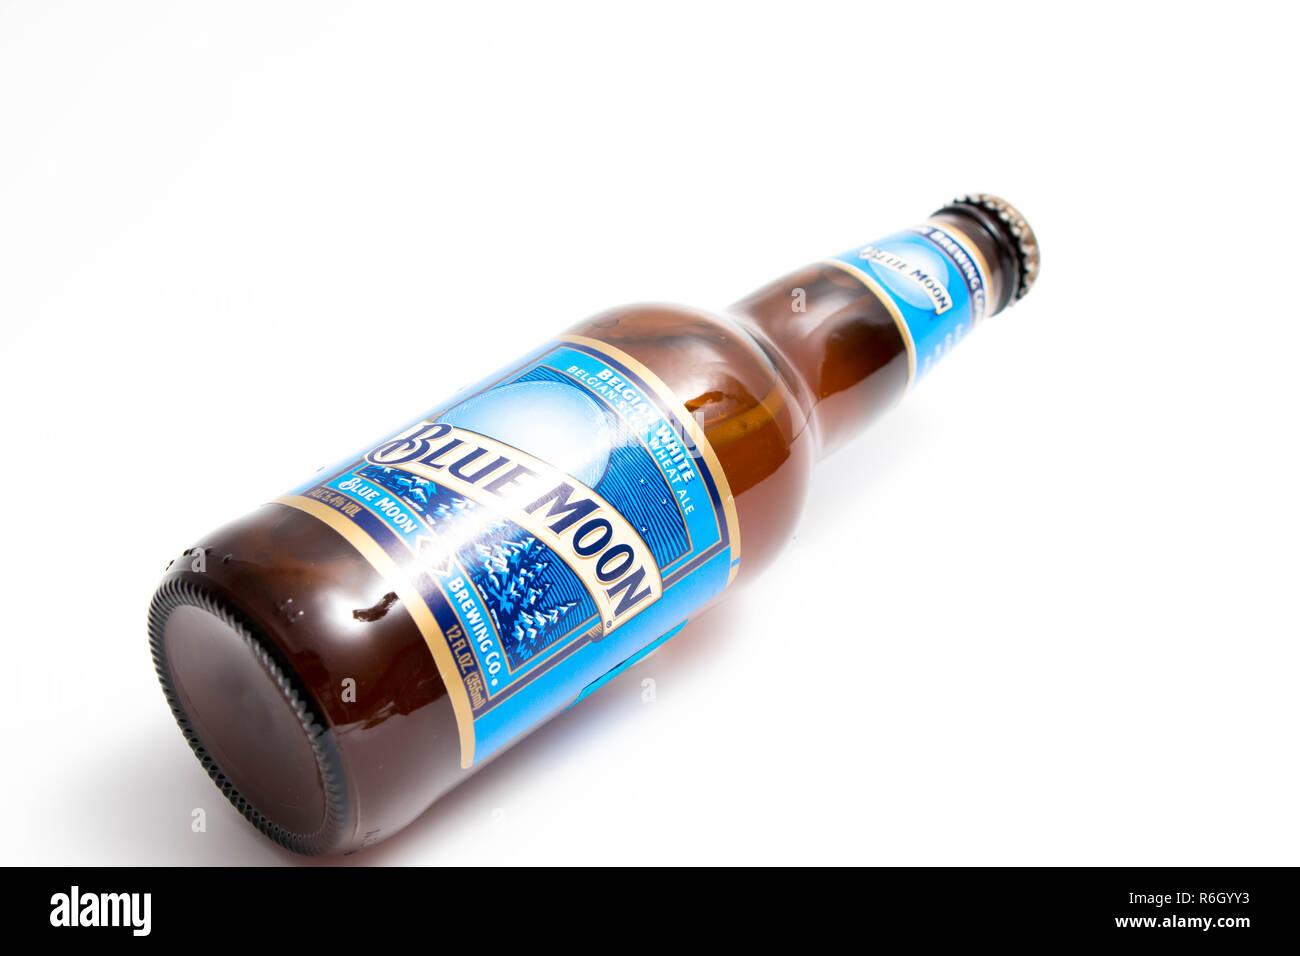 Blue Moon white beer bottle Belgian - Stock Image